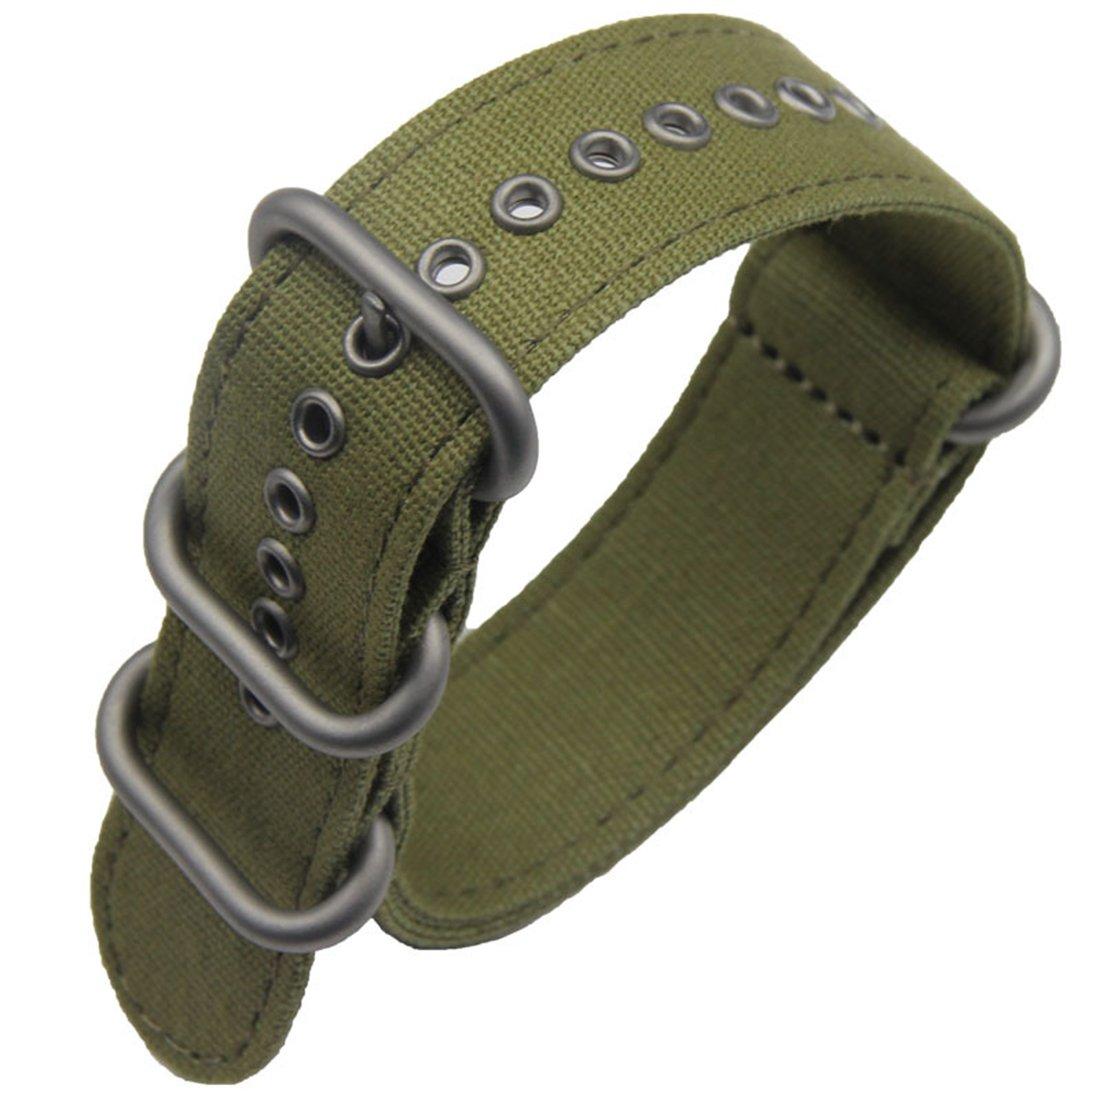 de Gama Alta de Lujo de Estilo Verde de la NATO Lona Resistente importación Reloj Deportivo de reemplazo de Correa de Banda del ejército 18-26mm ...